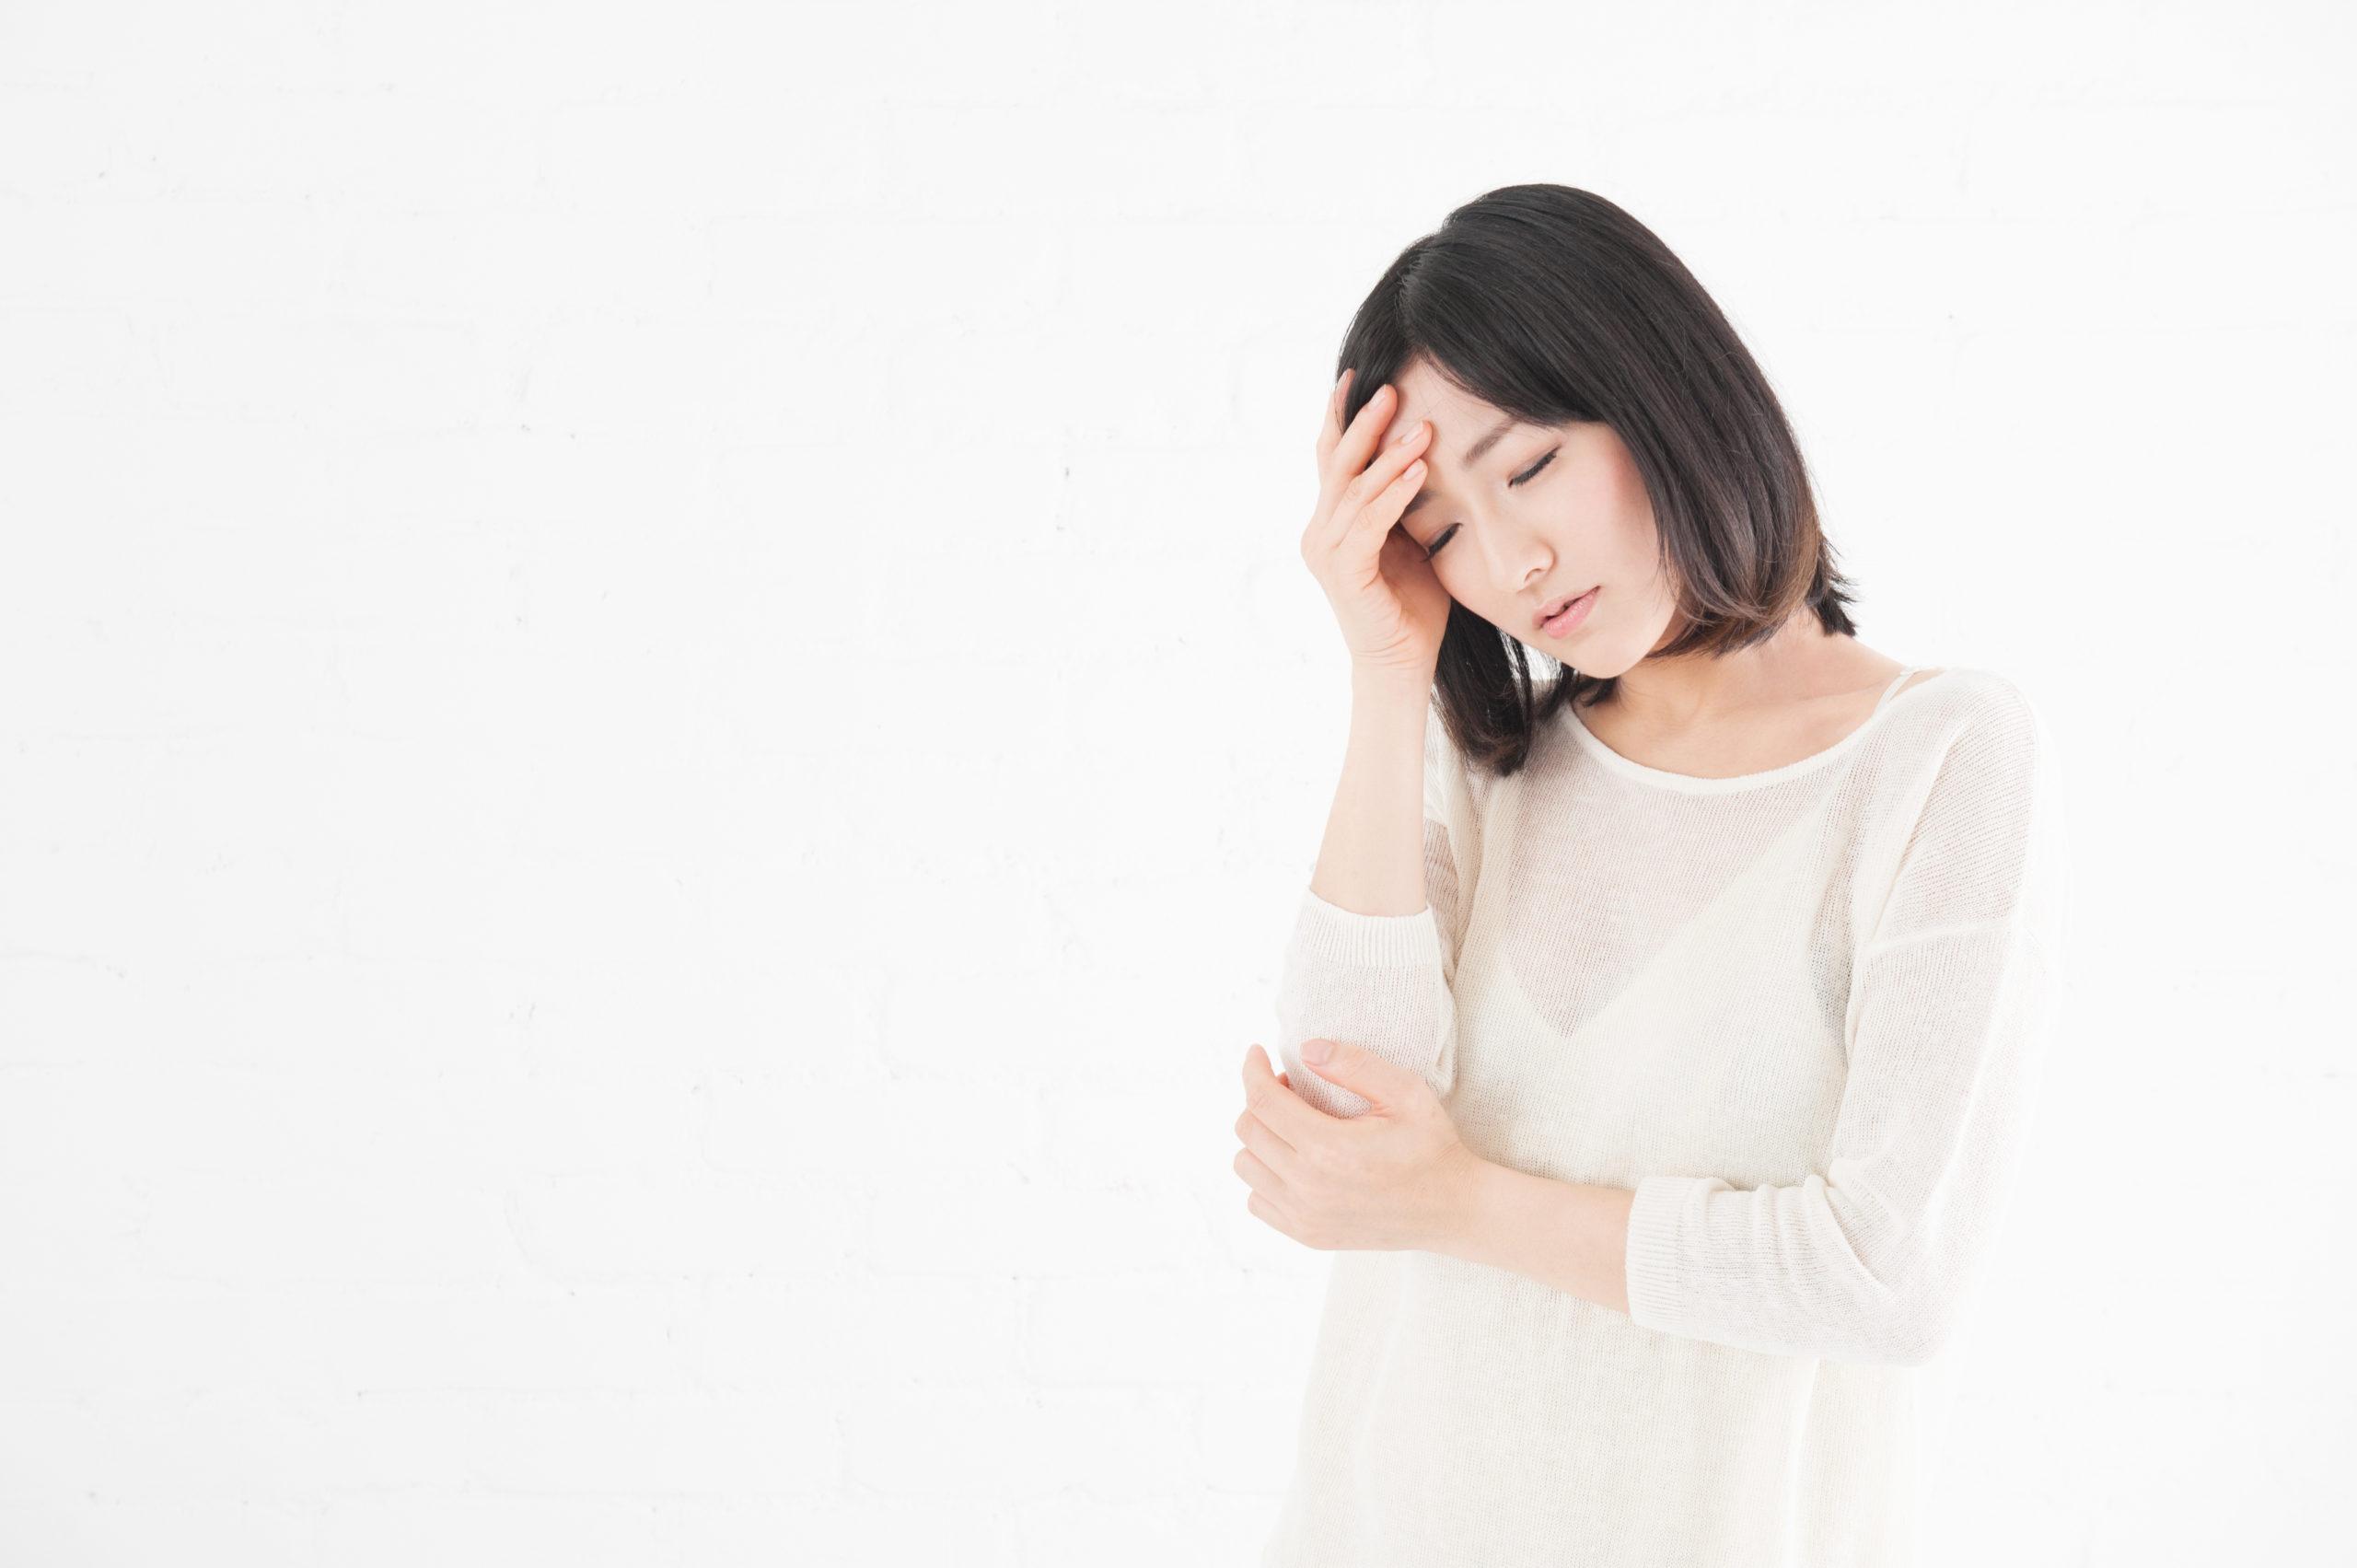 青川素丸の鑑定なら…あなたの健康の不安もズバリ!!